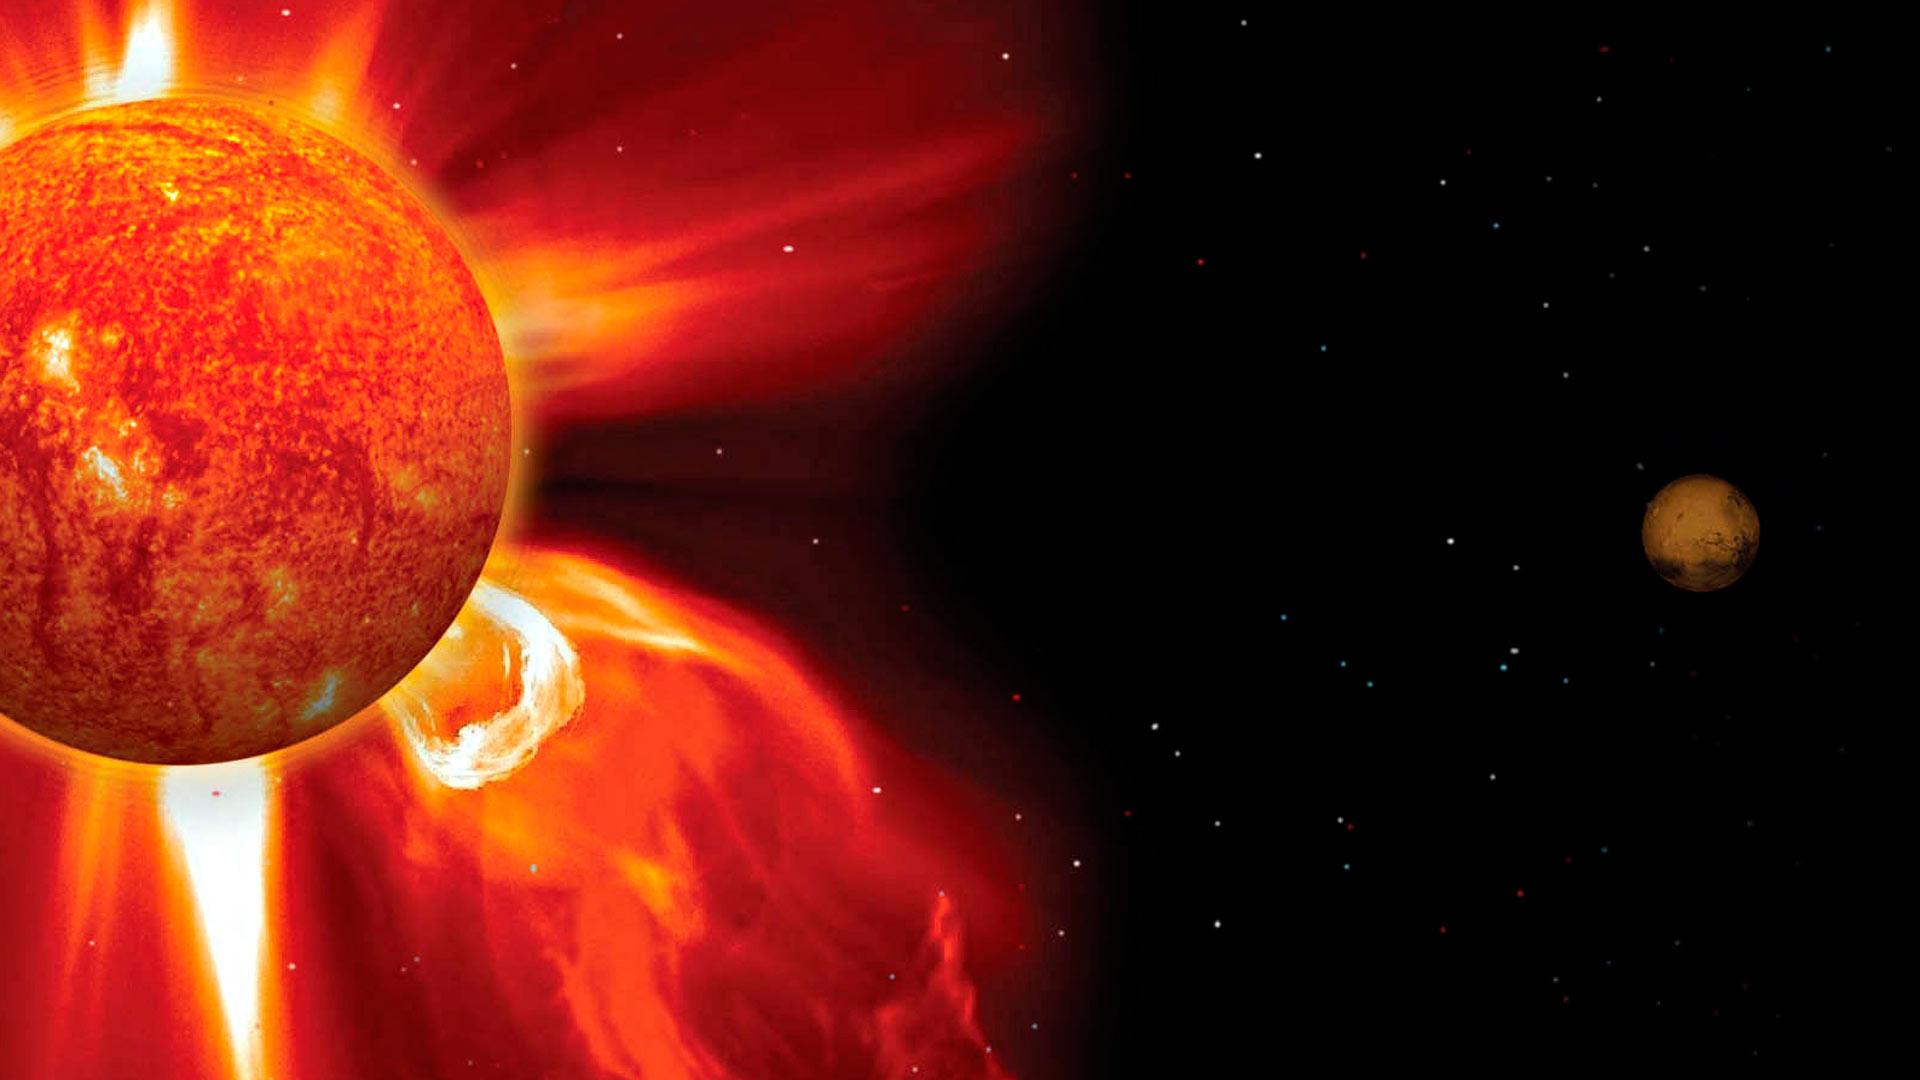 Aurinkomyrsky ja komeetta